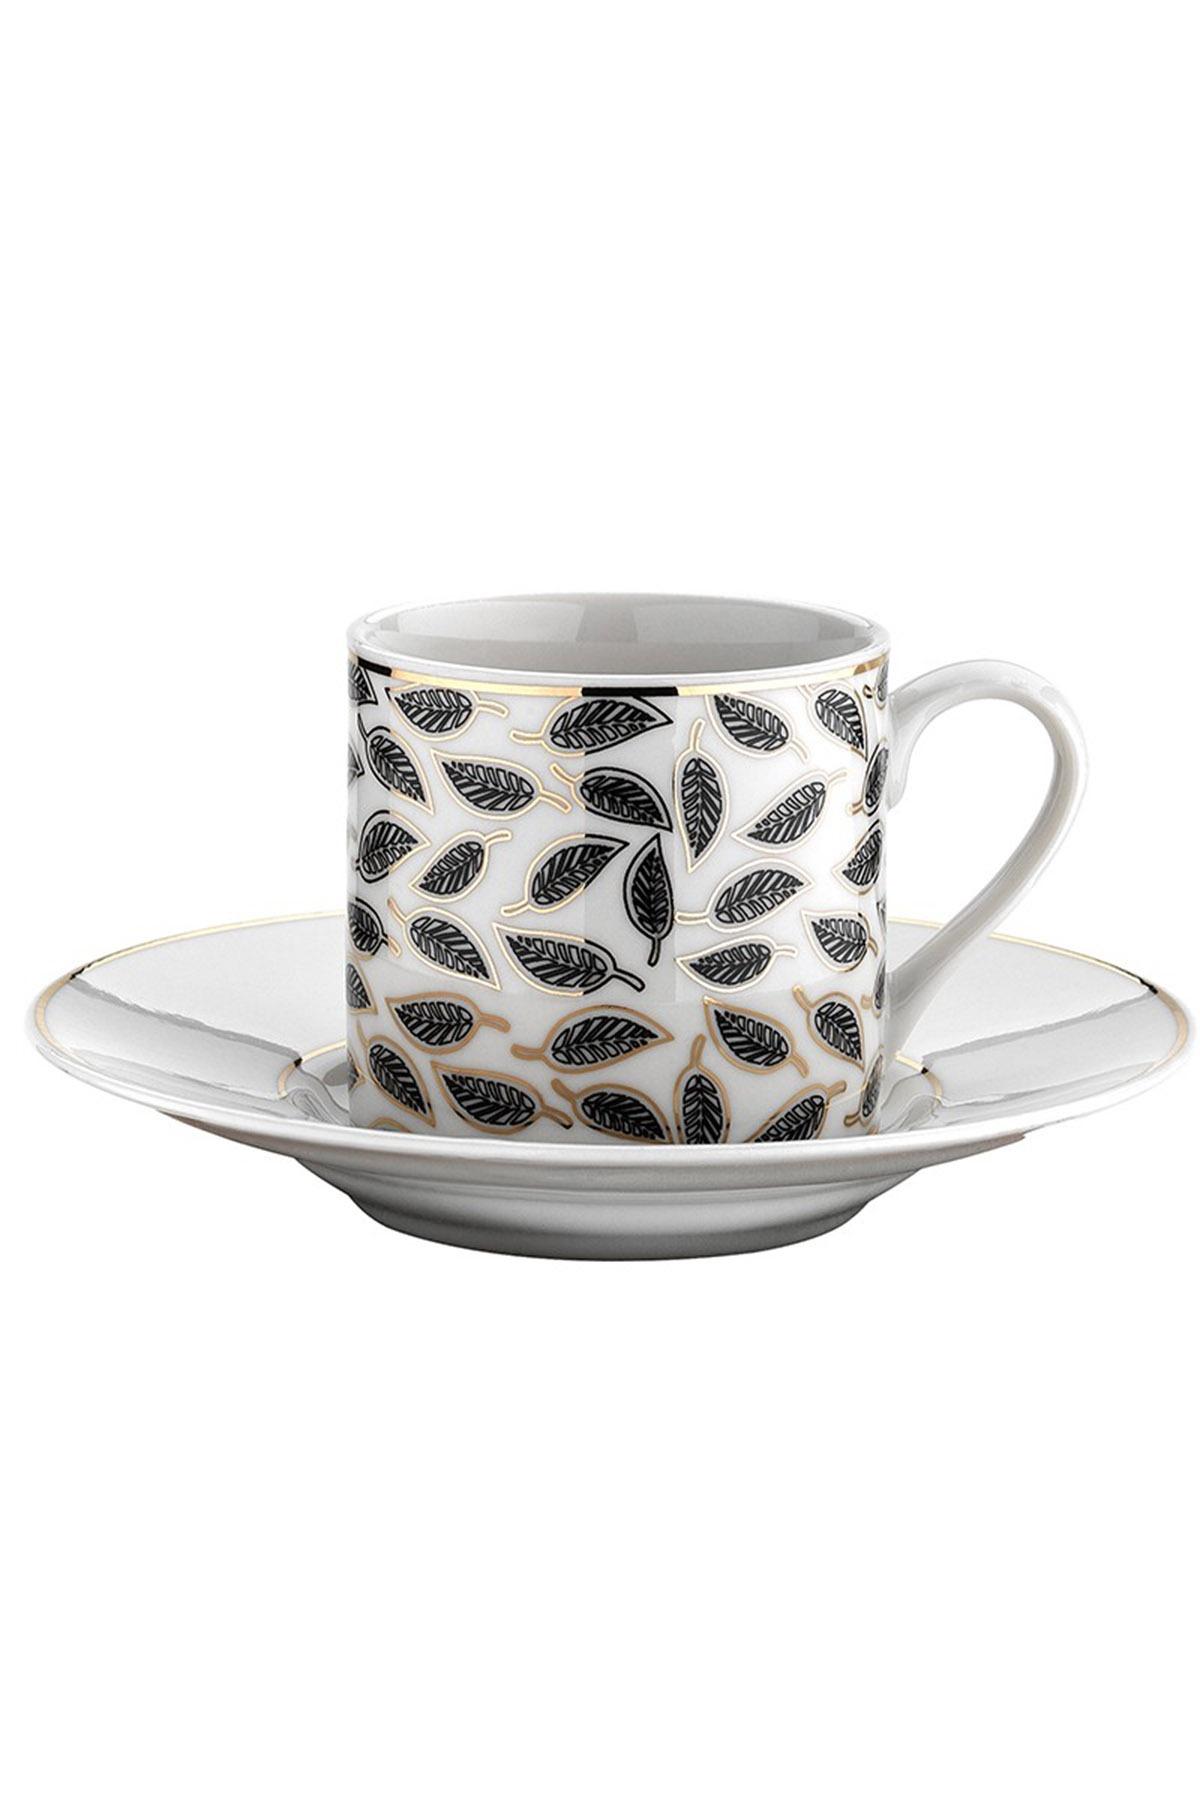 Kütahya Porselen Rüya 774912 Desen Kahve Fincan Takımı